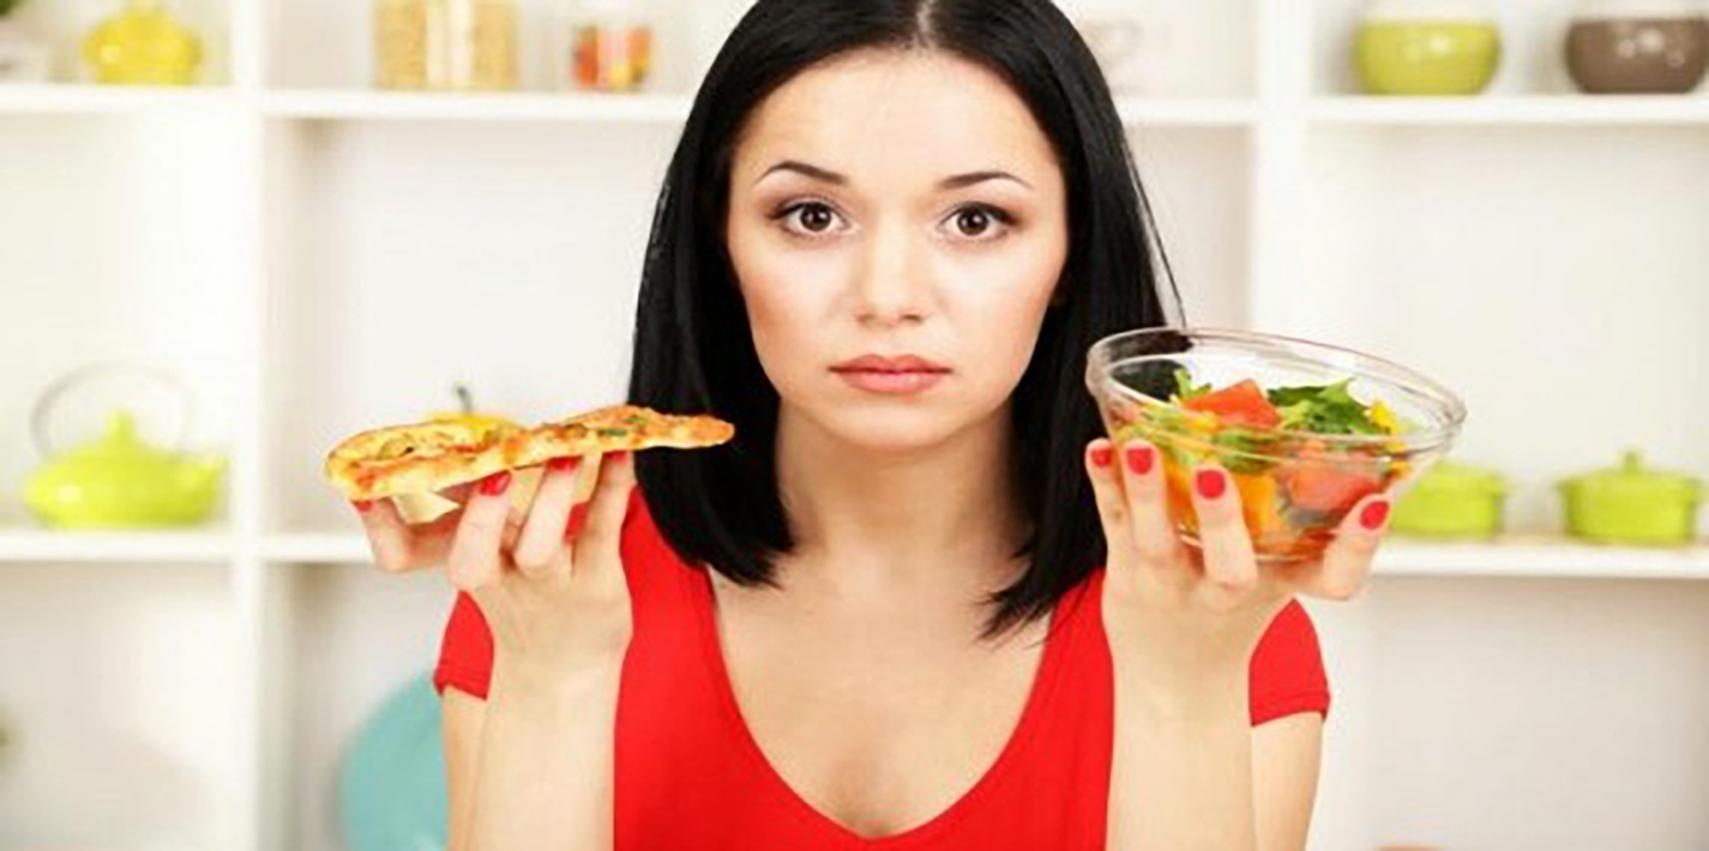 Thực phẩm cho phụ nữ sau sinh, chọn sao cho đúng?